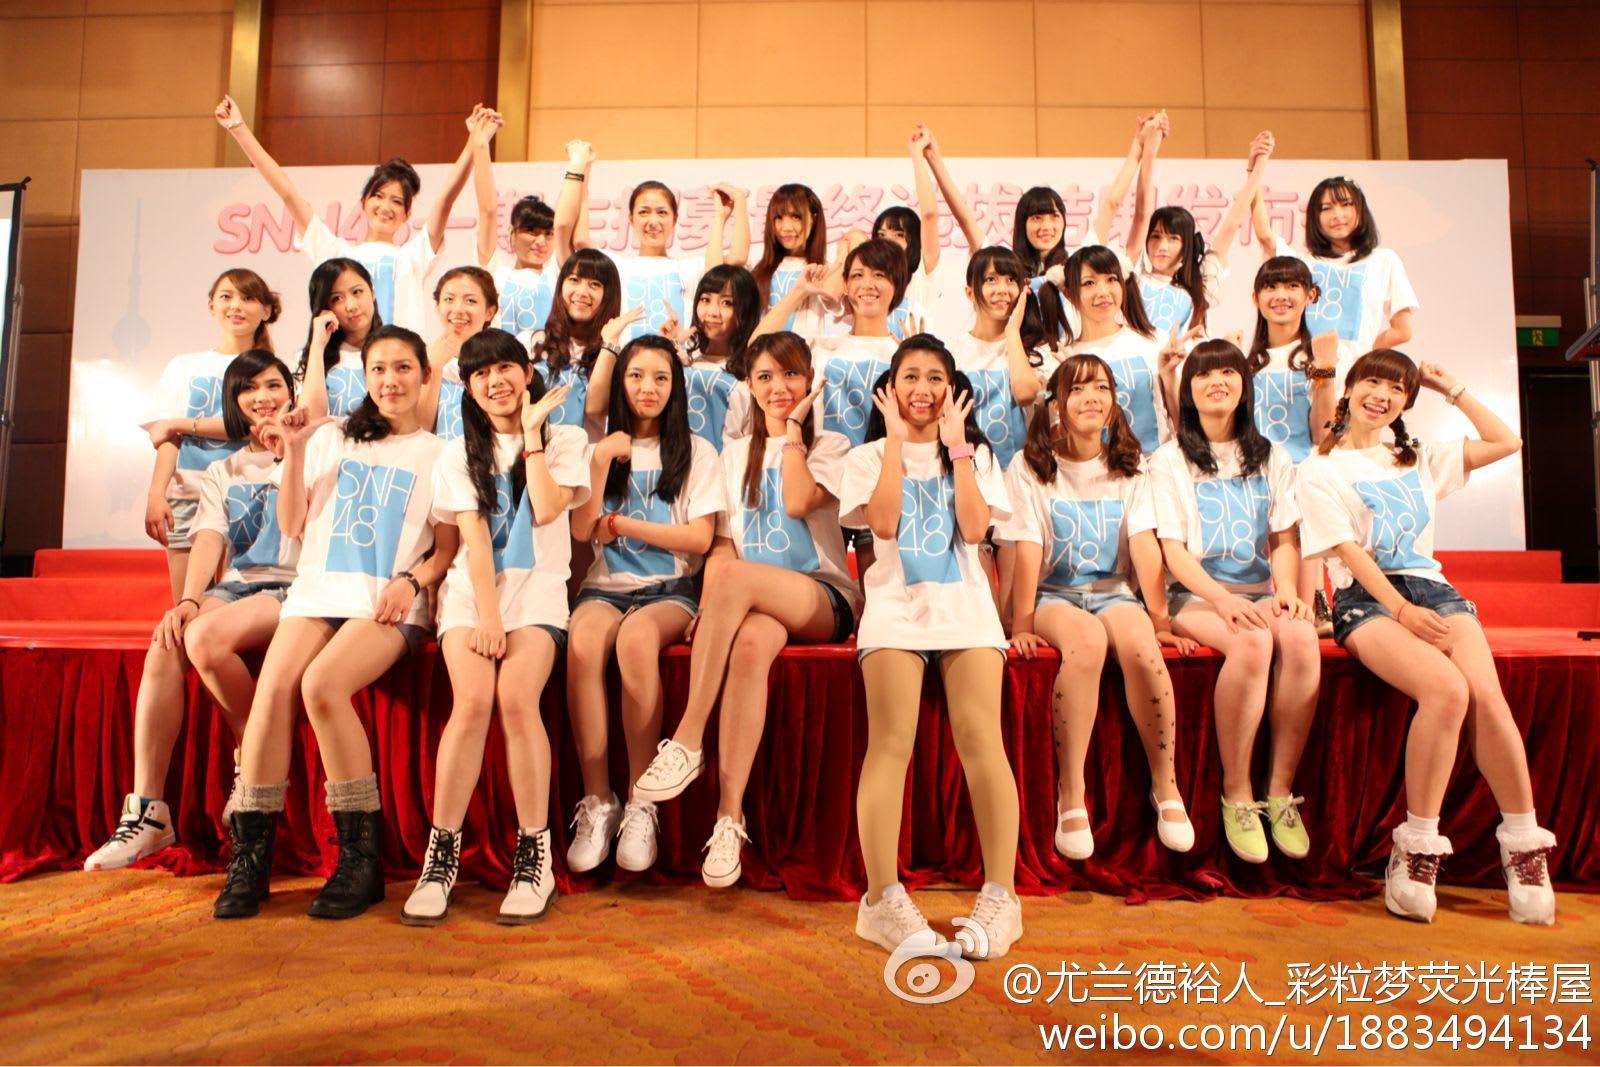 SNH48的国产萌妹子欣赏